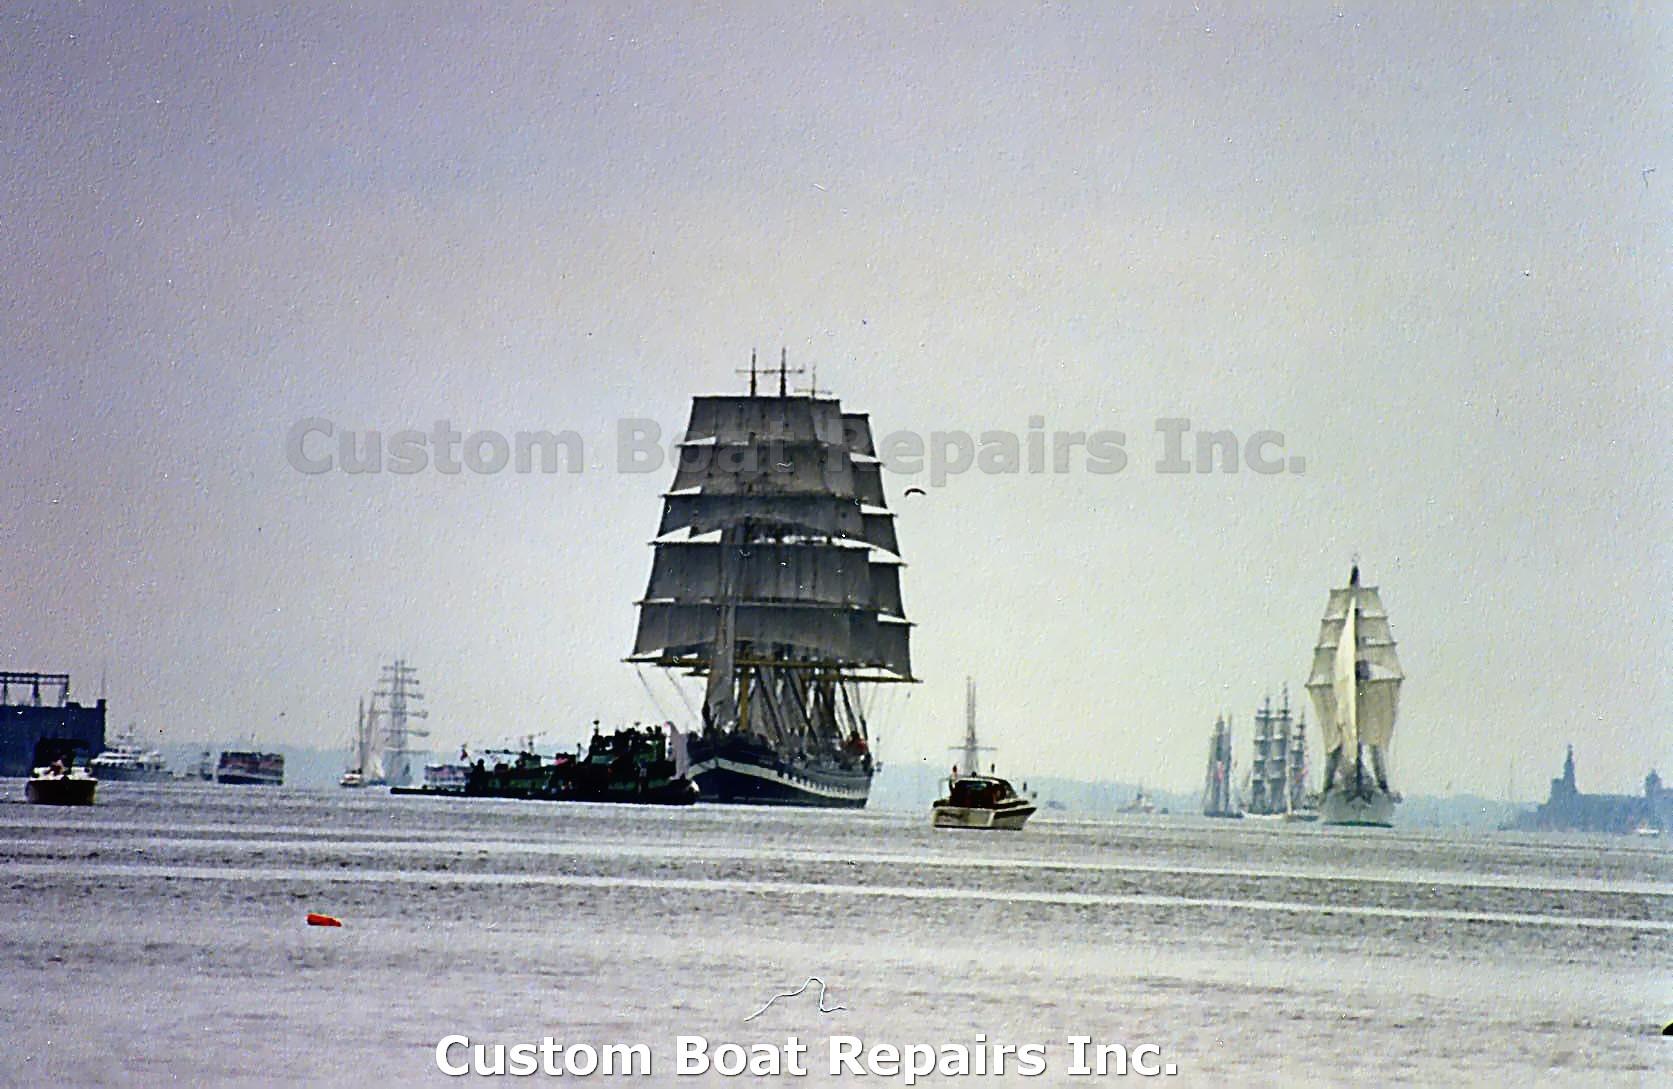 Custom Boat Repairs | Event Photos